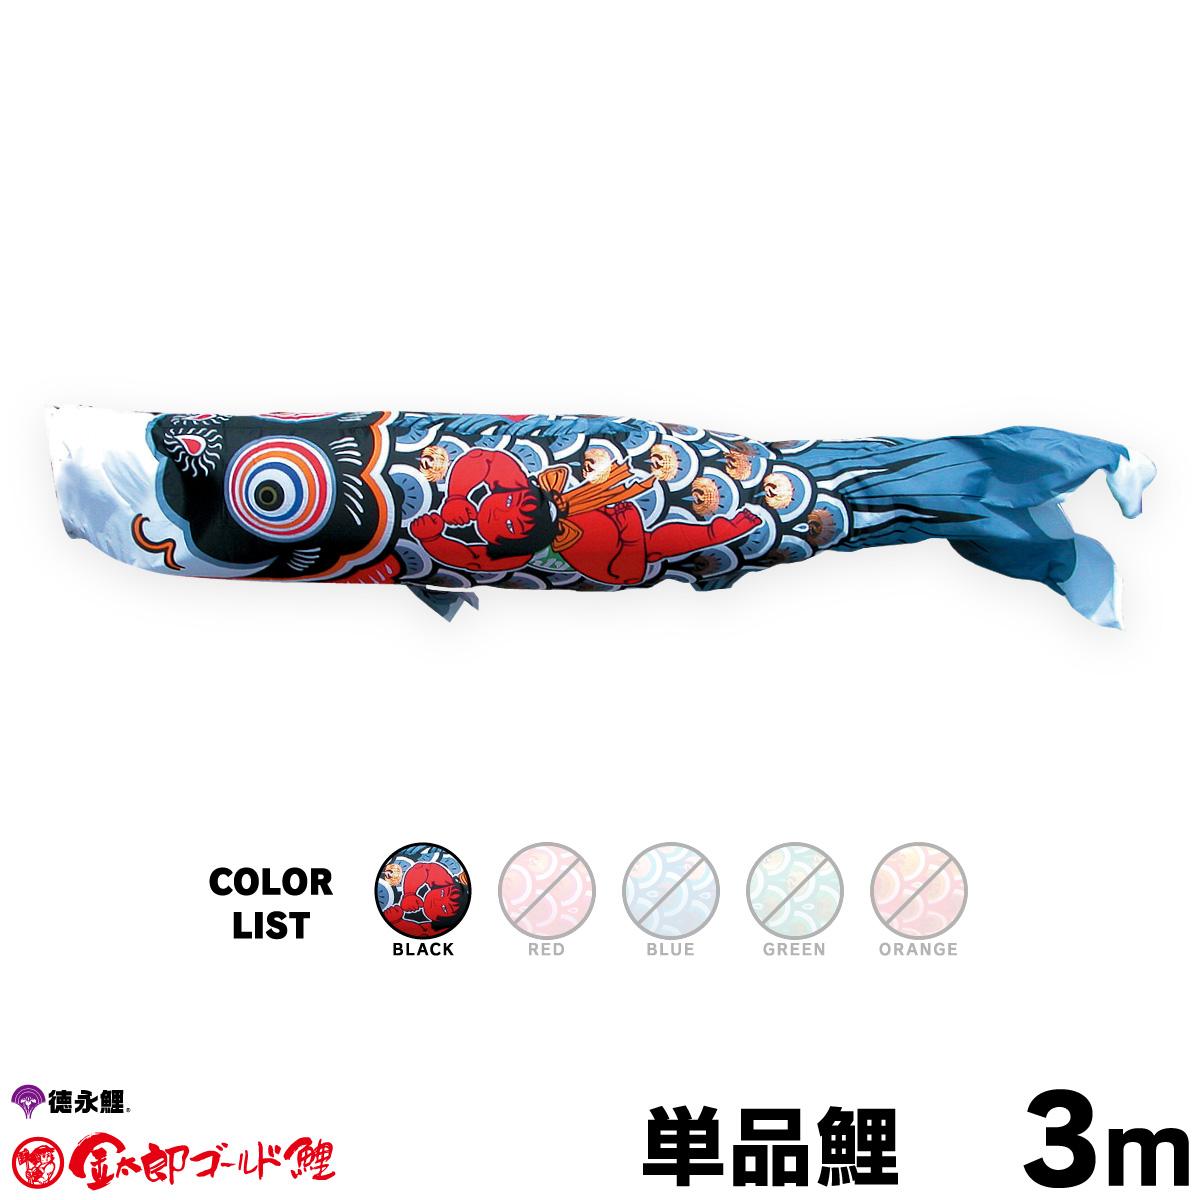 【こいのぼり 単品】 金太郎ゴールド鯉 3m 単品鯉 黒